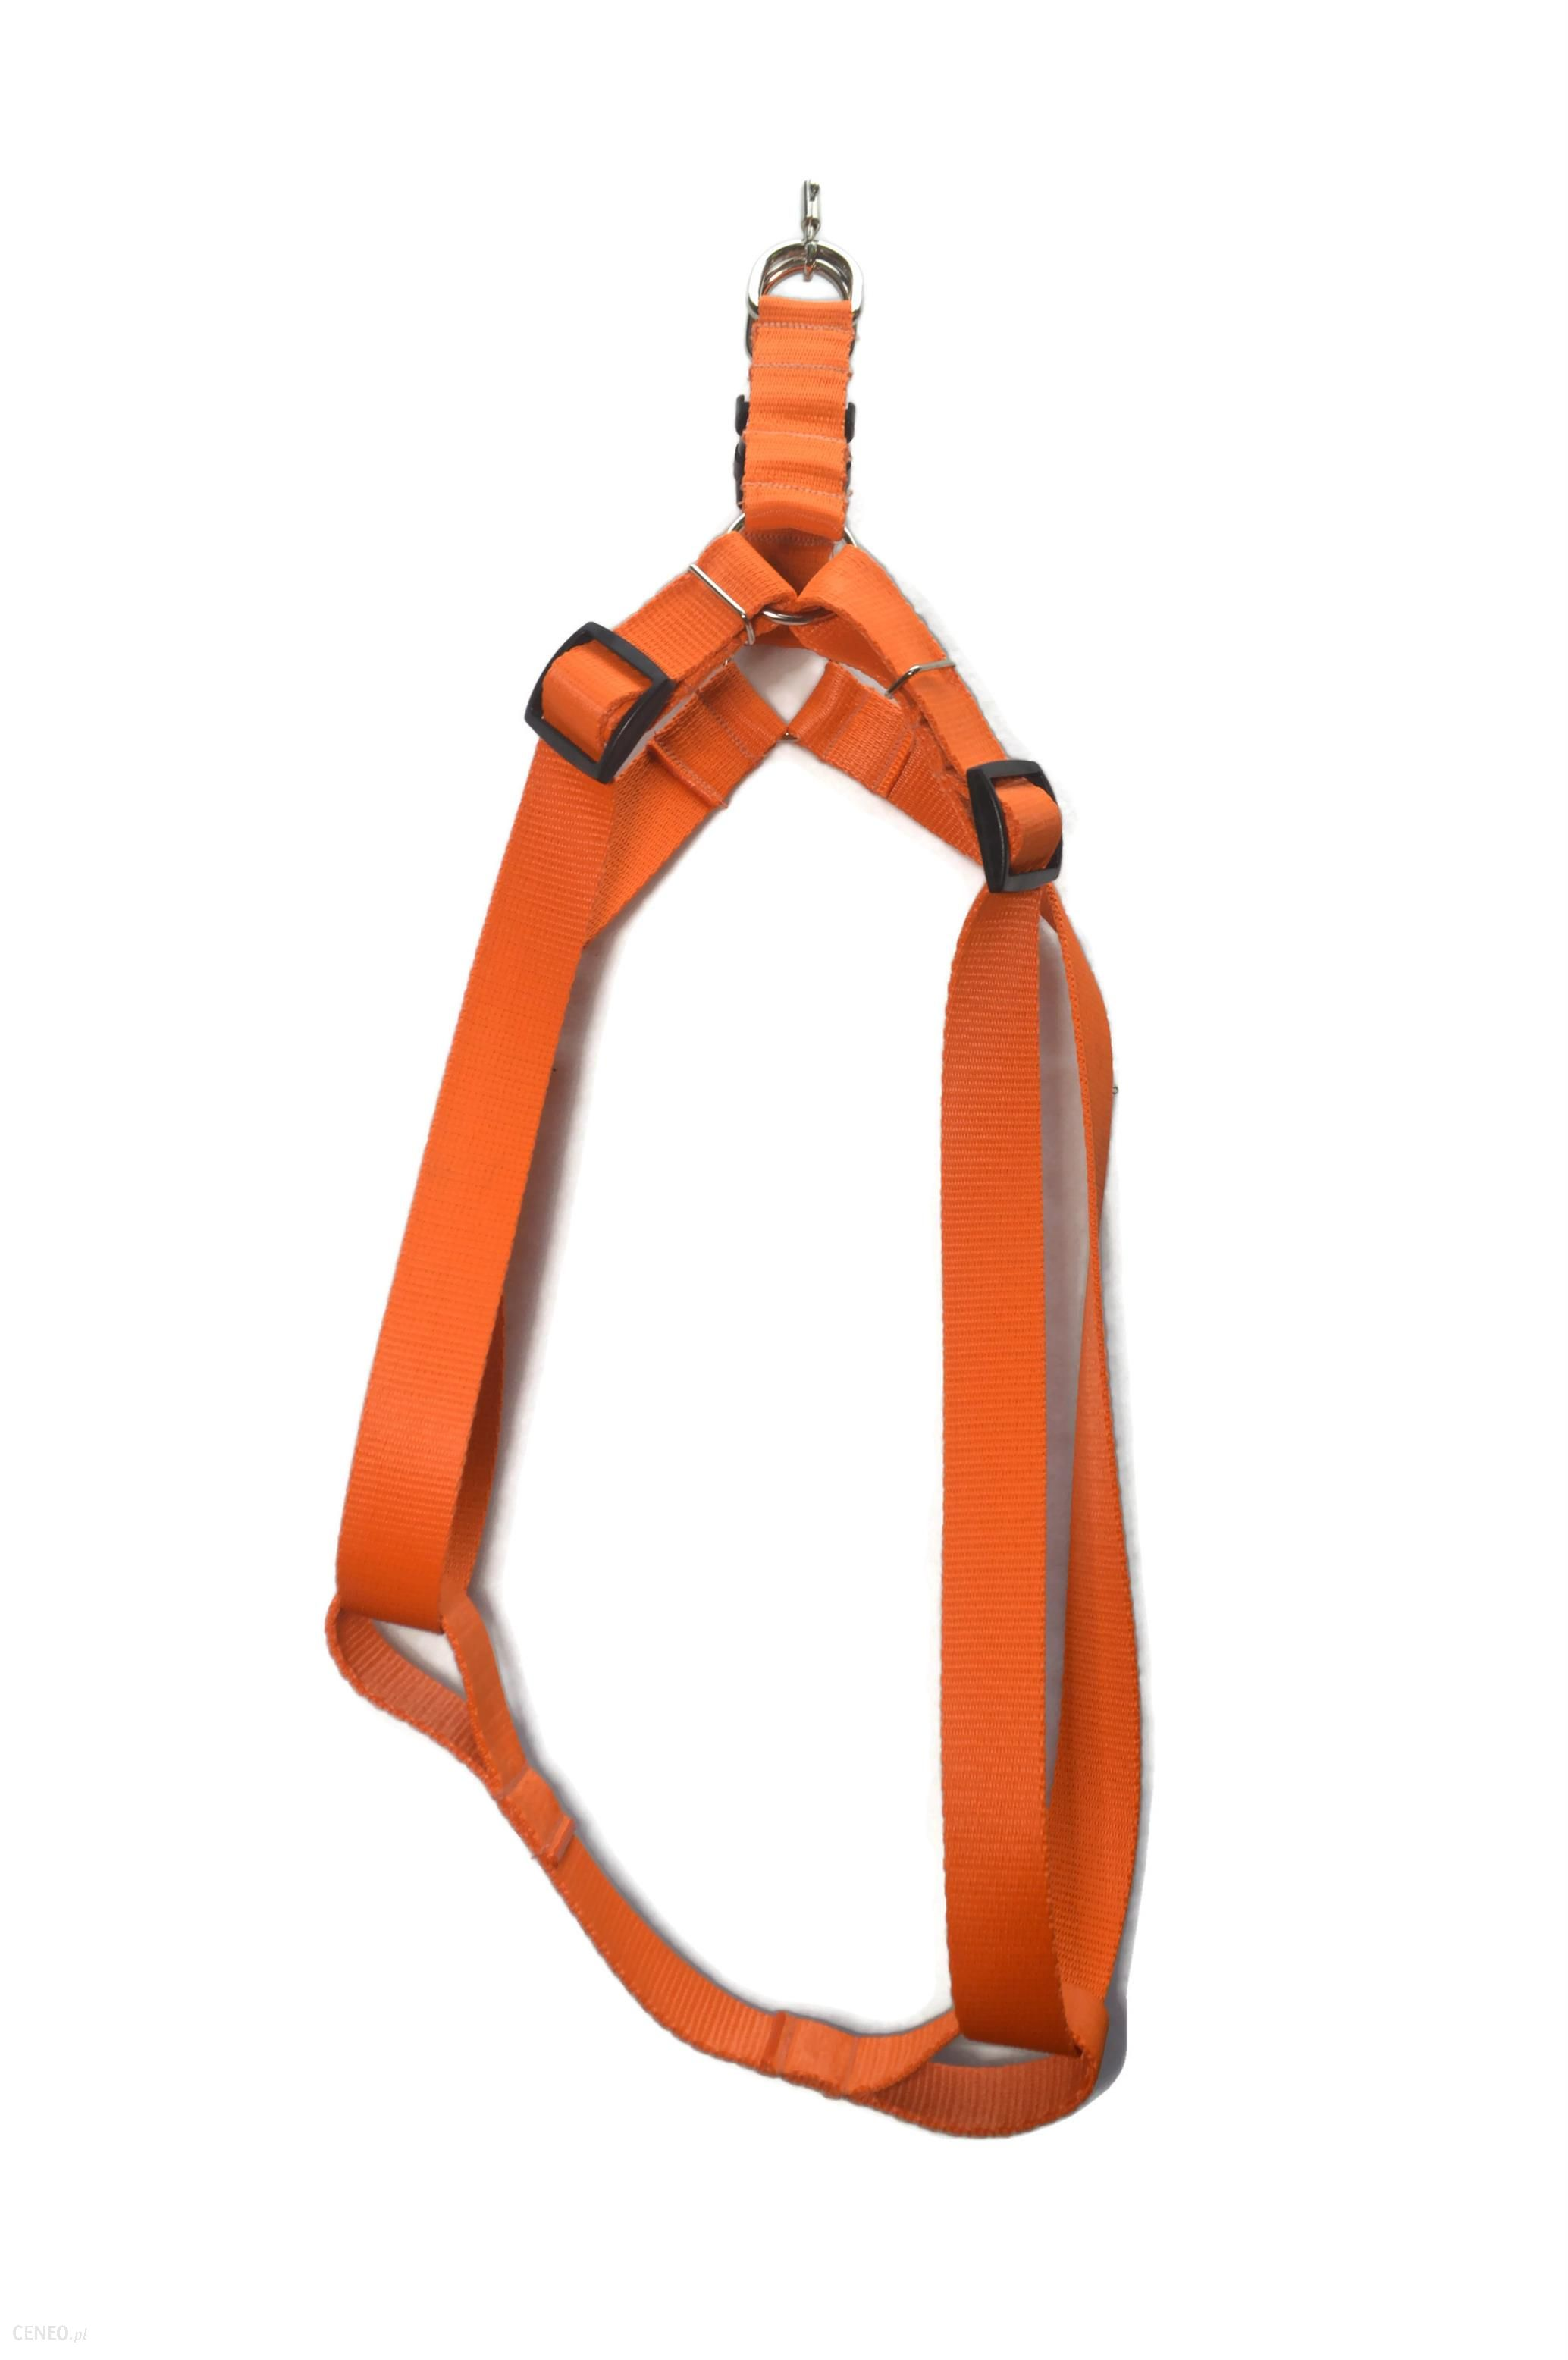 Alizoo Dla Dużego Psa 30mm Górne Zapięcie Pomarańczowy (A053)